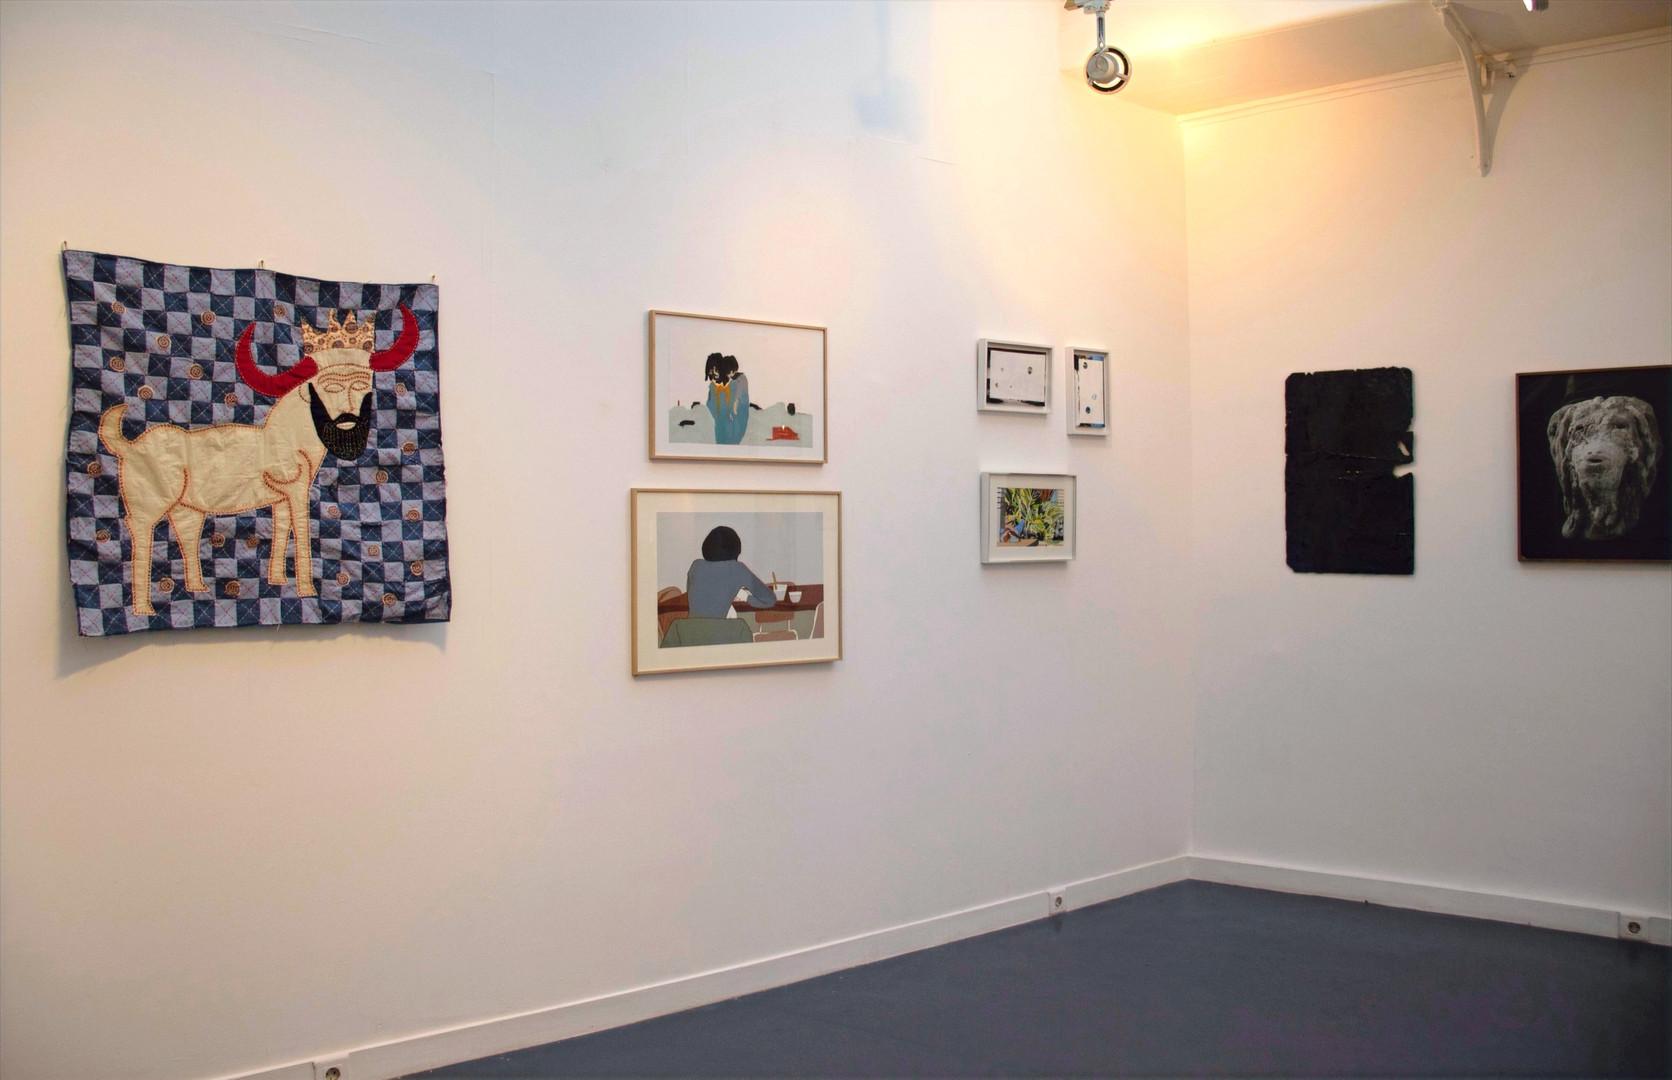 Œuvres de Kholod Hawash, Carine Prache, Farah Khelil, Bianca Bondi et Aurélien Froment ©Paul-Henri Nivet